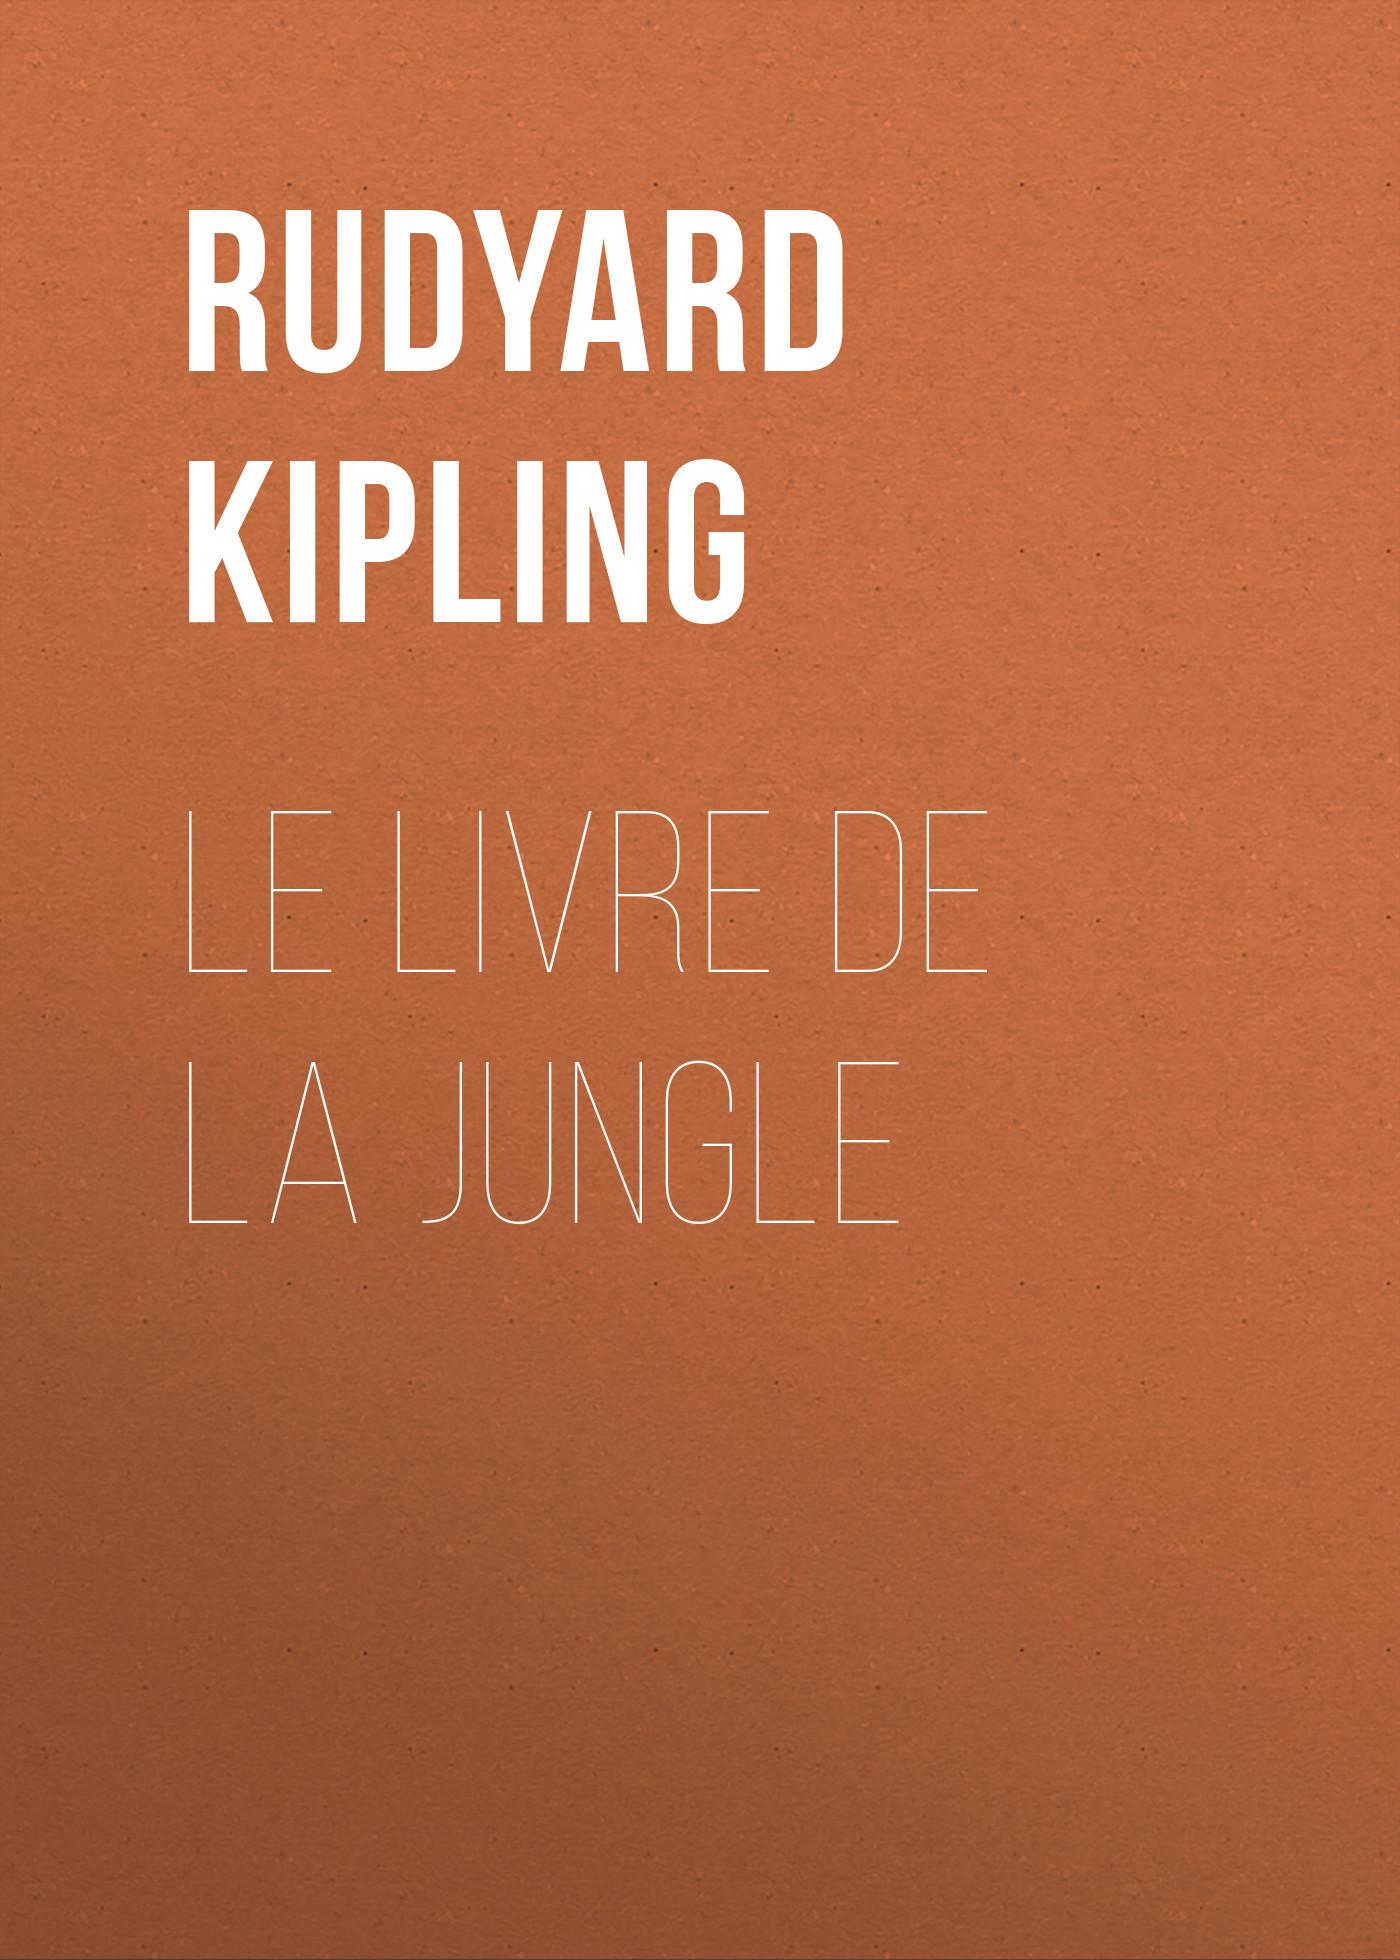 Редьярд Киплинг Le livre de la Jungle редьярд киплинг the second jungle book